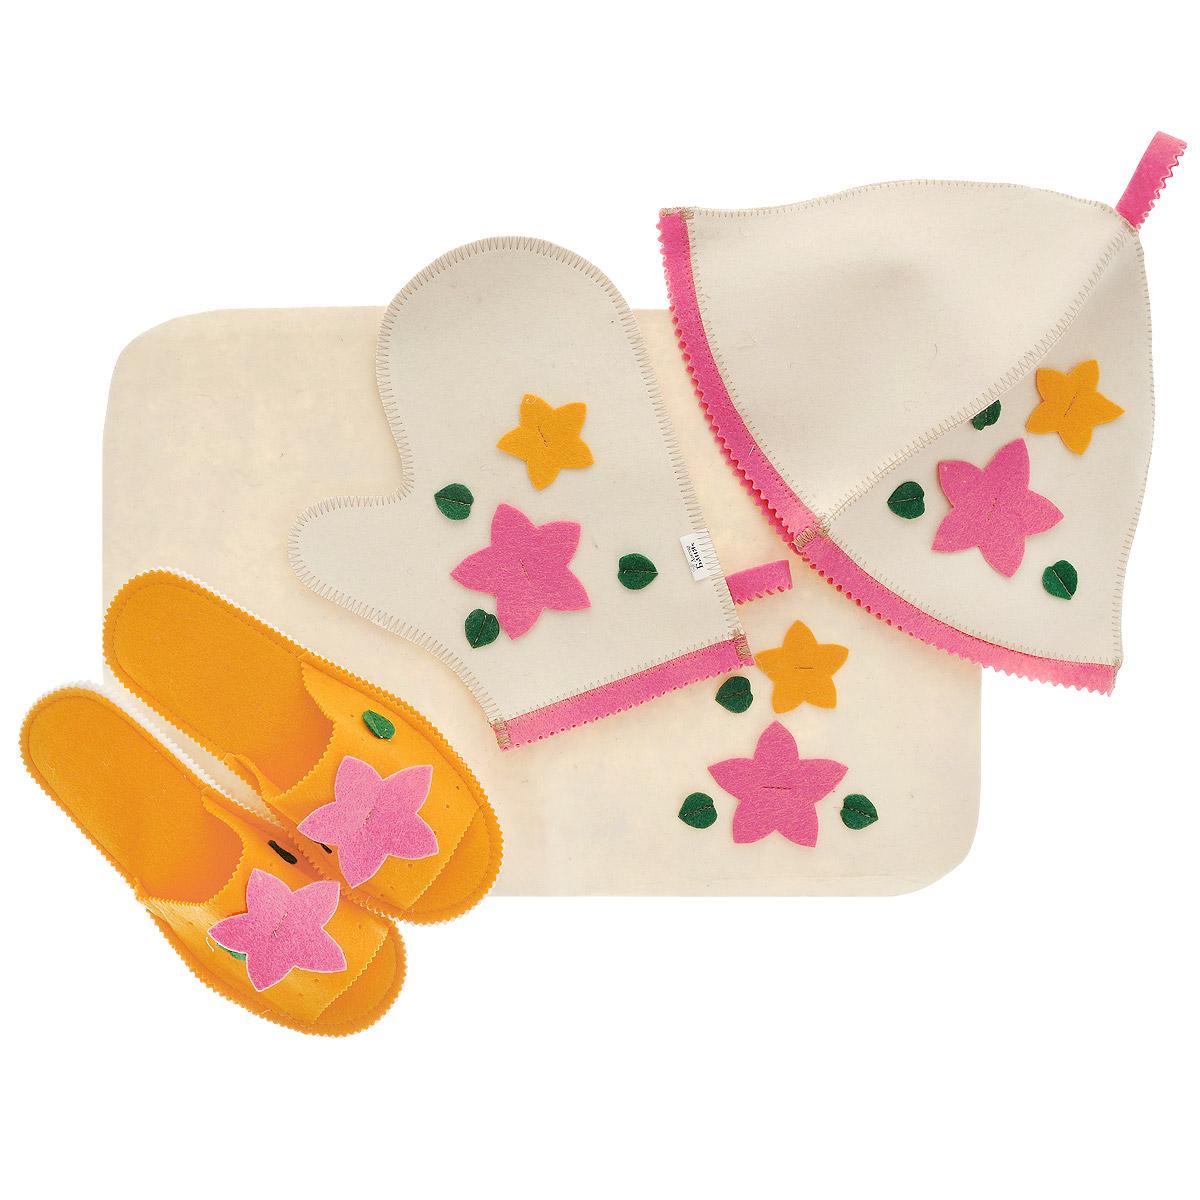 Набор для бани и сауны Доктор баня Букет, цвет: оранжевый, розовый, 4 предметаБ1153Набор для бани и сауны Доктор баня Букет, выполненный из фетра, привлечет внимание любителей модных тенденций в банной одежде. В набор входят все необходимые аксессуары, для того чтобы банный поход принес вам только радость. Набор состоит из коврика, шапки, рукавицы и тапочек. Шапка - незаменимая вещь в парной. Она необходима для того, чтобы не перегреть голову, также она должна хорошо впитывать влагу. Коврик убережет вас от горячей полки, защитит вас в общественной бане, а варежка обезопасит ваши руки от горячего пара или ручки ковша. Рукавицей можно также прекрасно помассировать тело. Тапочки сделают ваше пребывание в бане комфортным.Все предметы декорированы аппликацией в виде цветов и листьев.Диаметр основания шапки: 35 см.Высота шапки: 24 см.Размер рукавицы: 22,5 х 27 см.Размер коврика: 33 х 50 см.Длина тапок: 26 см.Наибольшая ширина тапок (по подошве): 10,5 см.